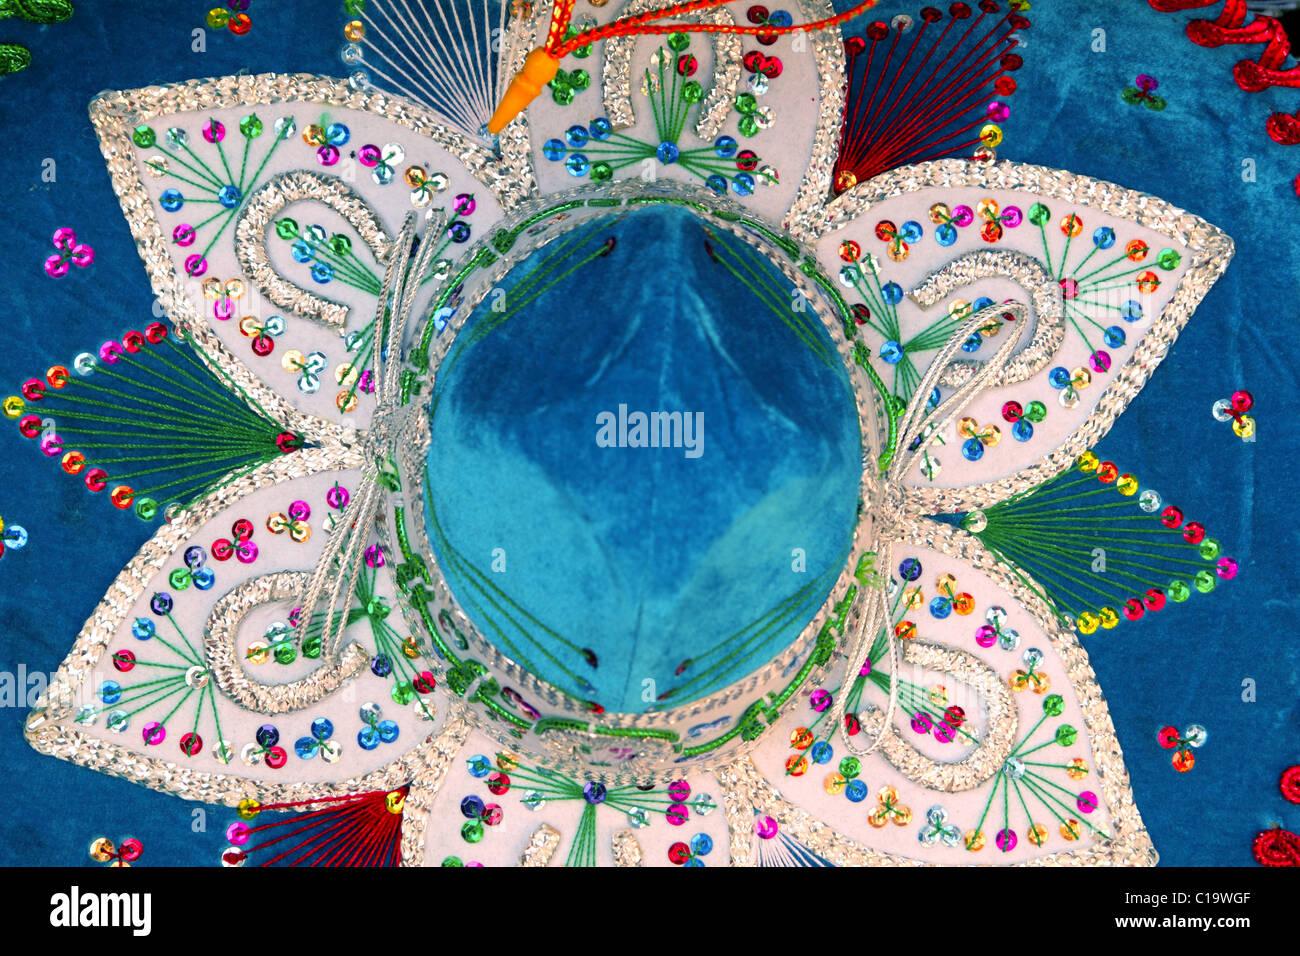 Charro mariachi mexicano sombrero azul macro detalle vista superior Imagen De Stock